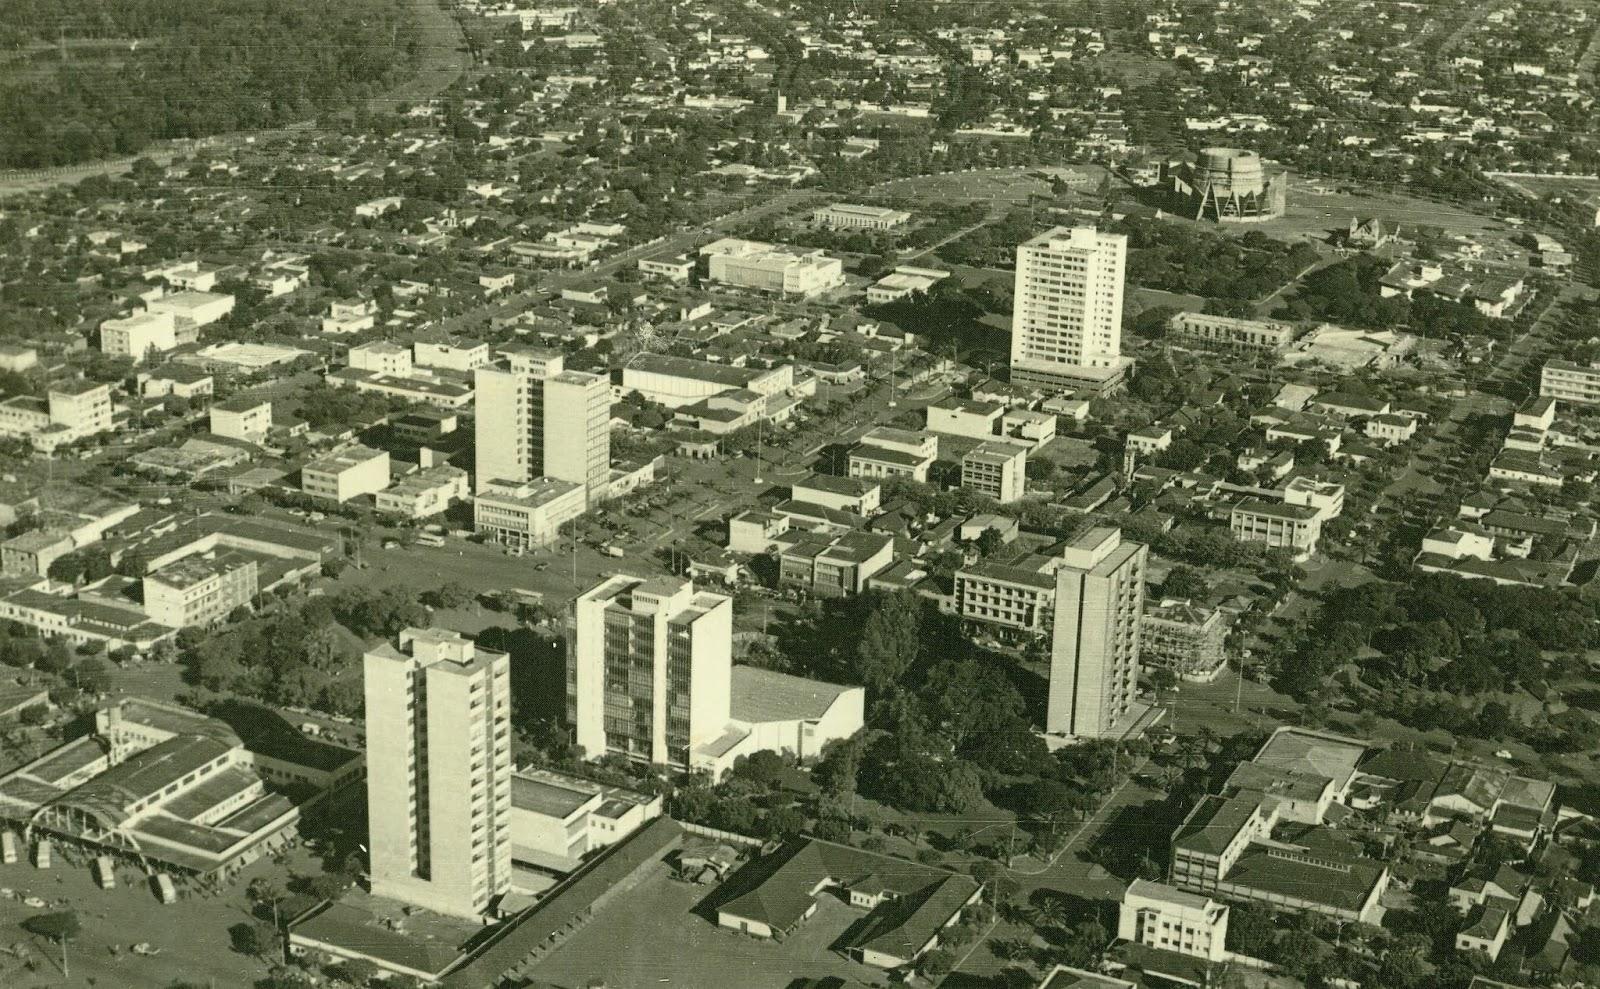 Vista aérea do Eixo Monumental - Década de 1960